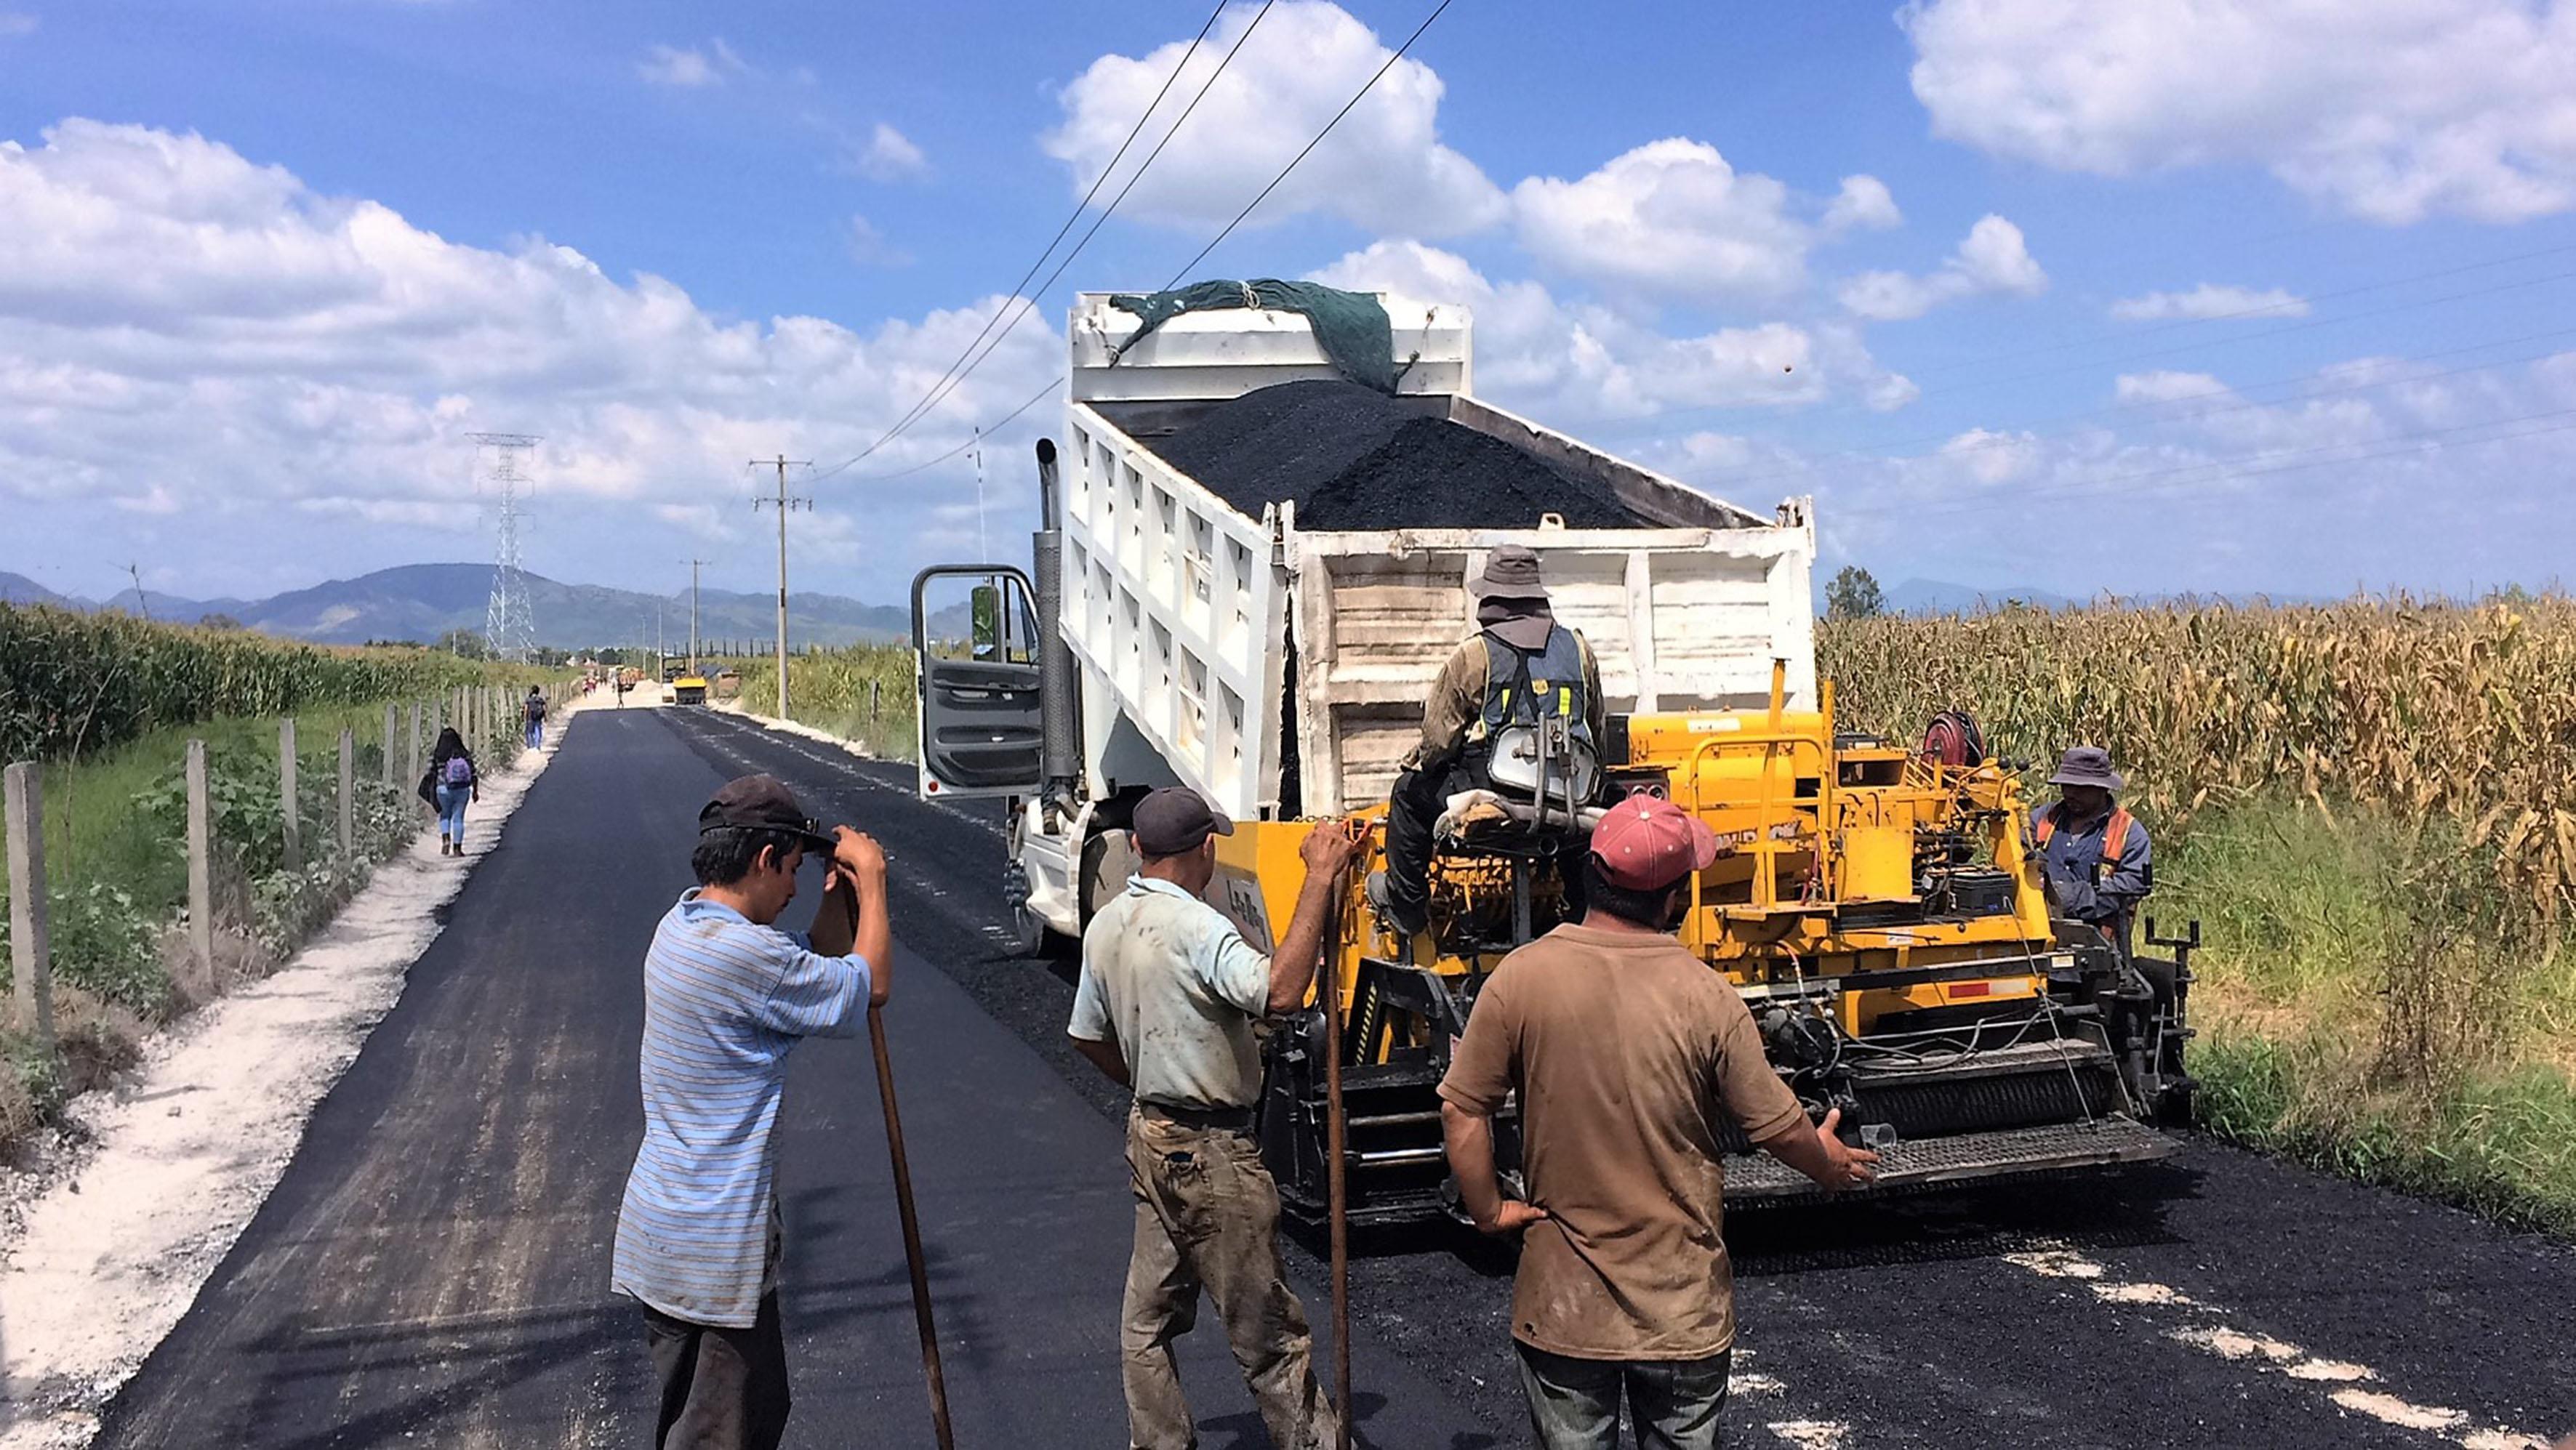 Trabajadores de la obra manipulando la maquina pavimentadora